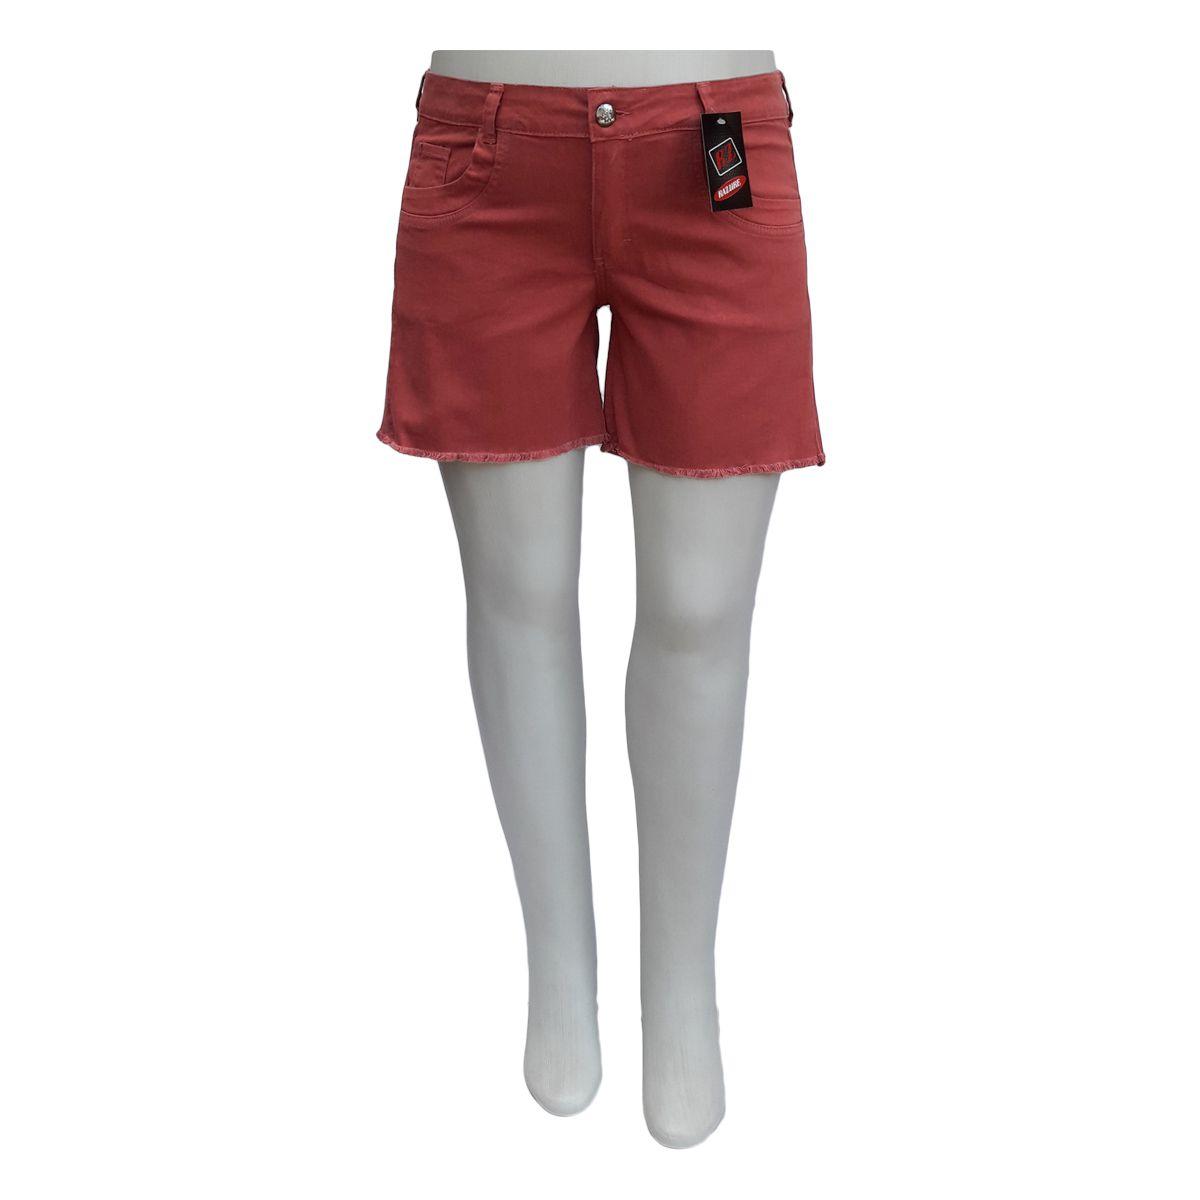 Short Jeans Feminino Color Plus Size Porcelana